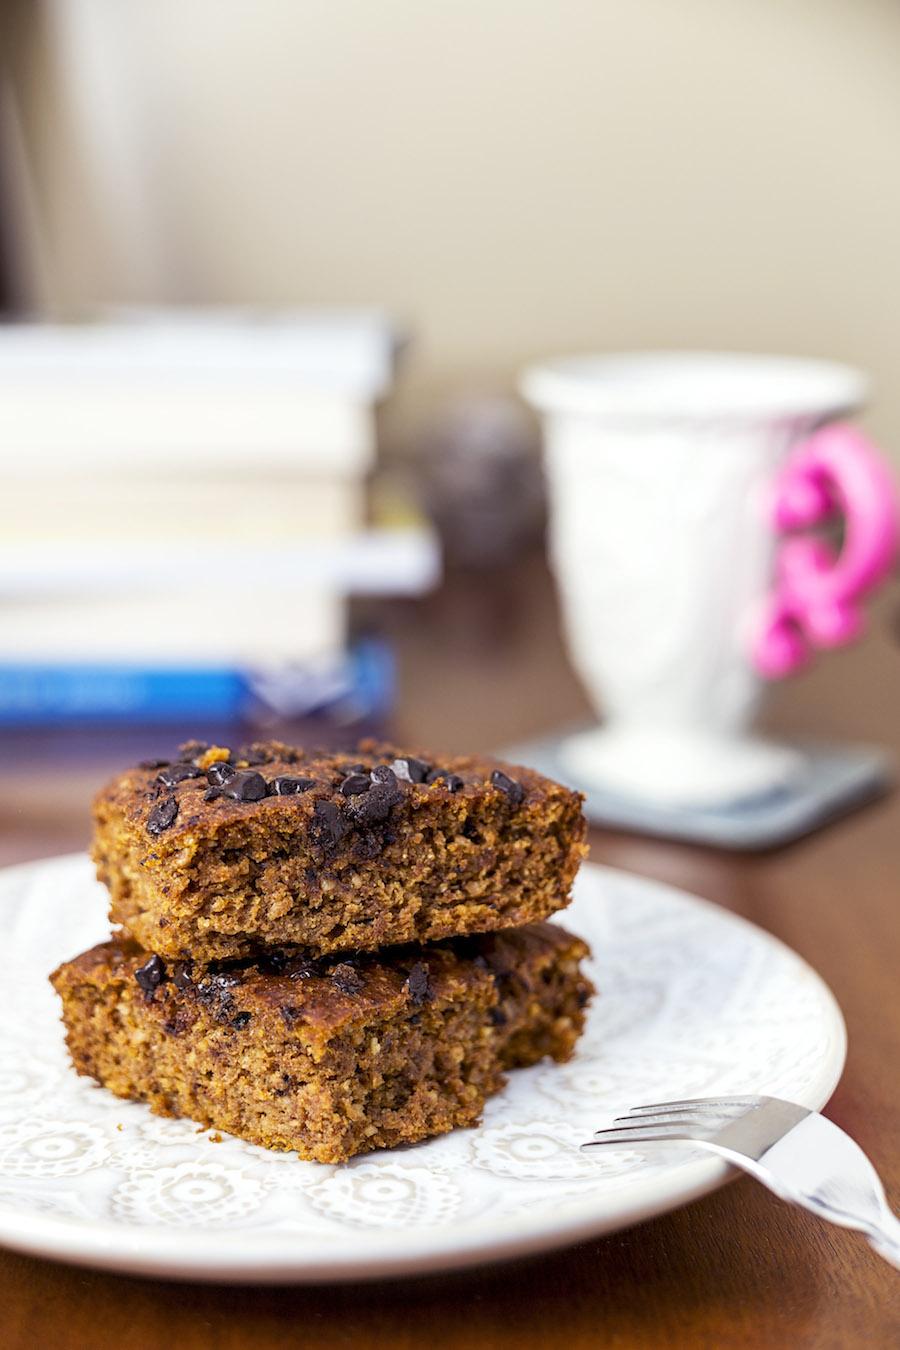 Balkabaklı ve cevizli glutensiz kek 1